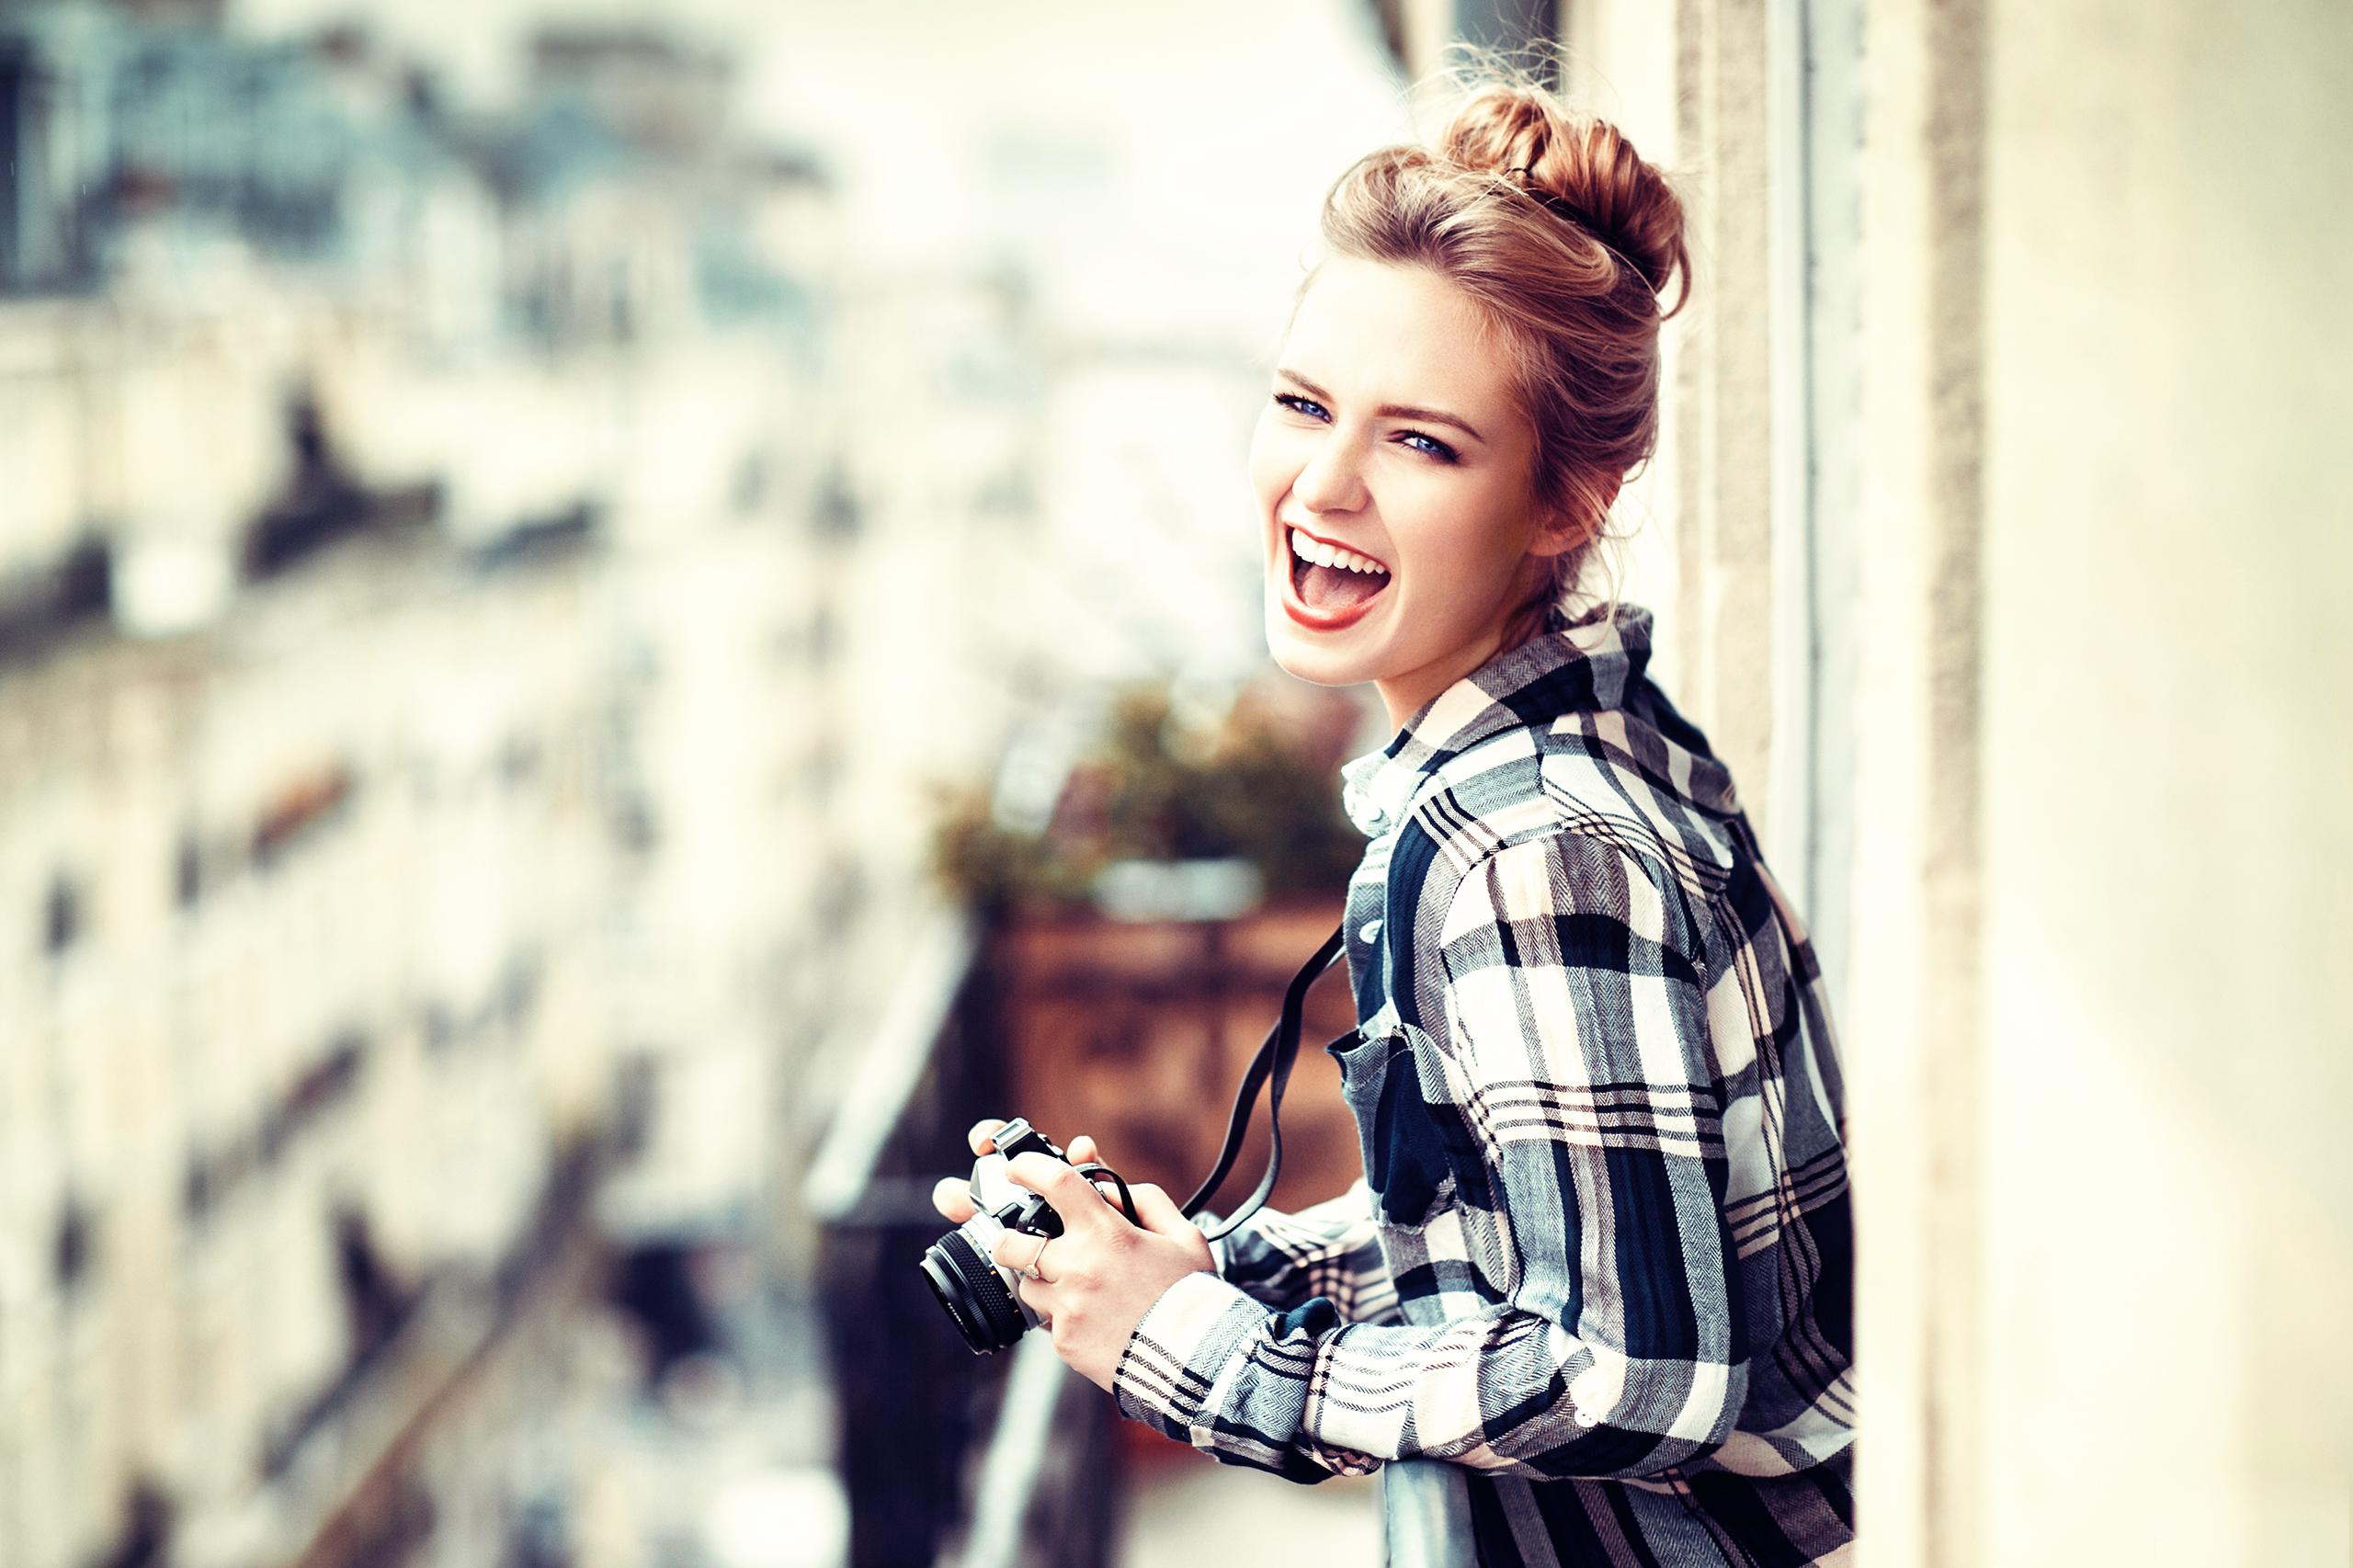 Красивые девушки смеются картинки